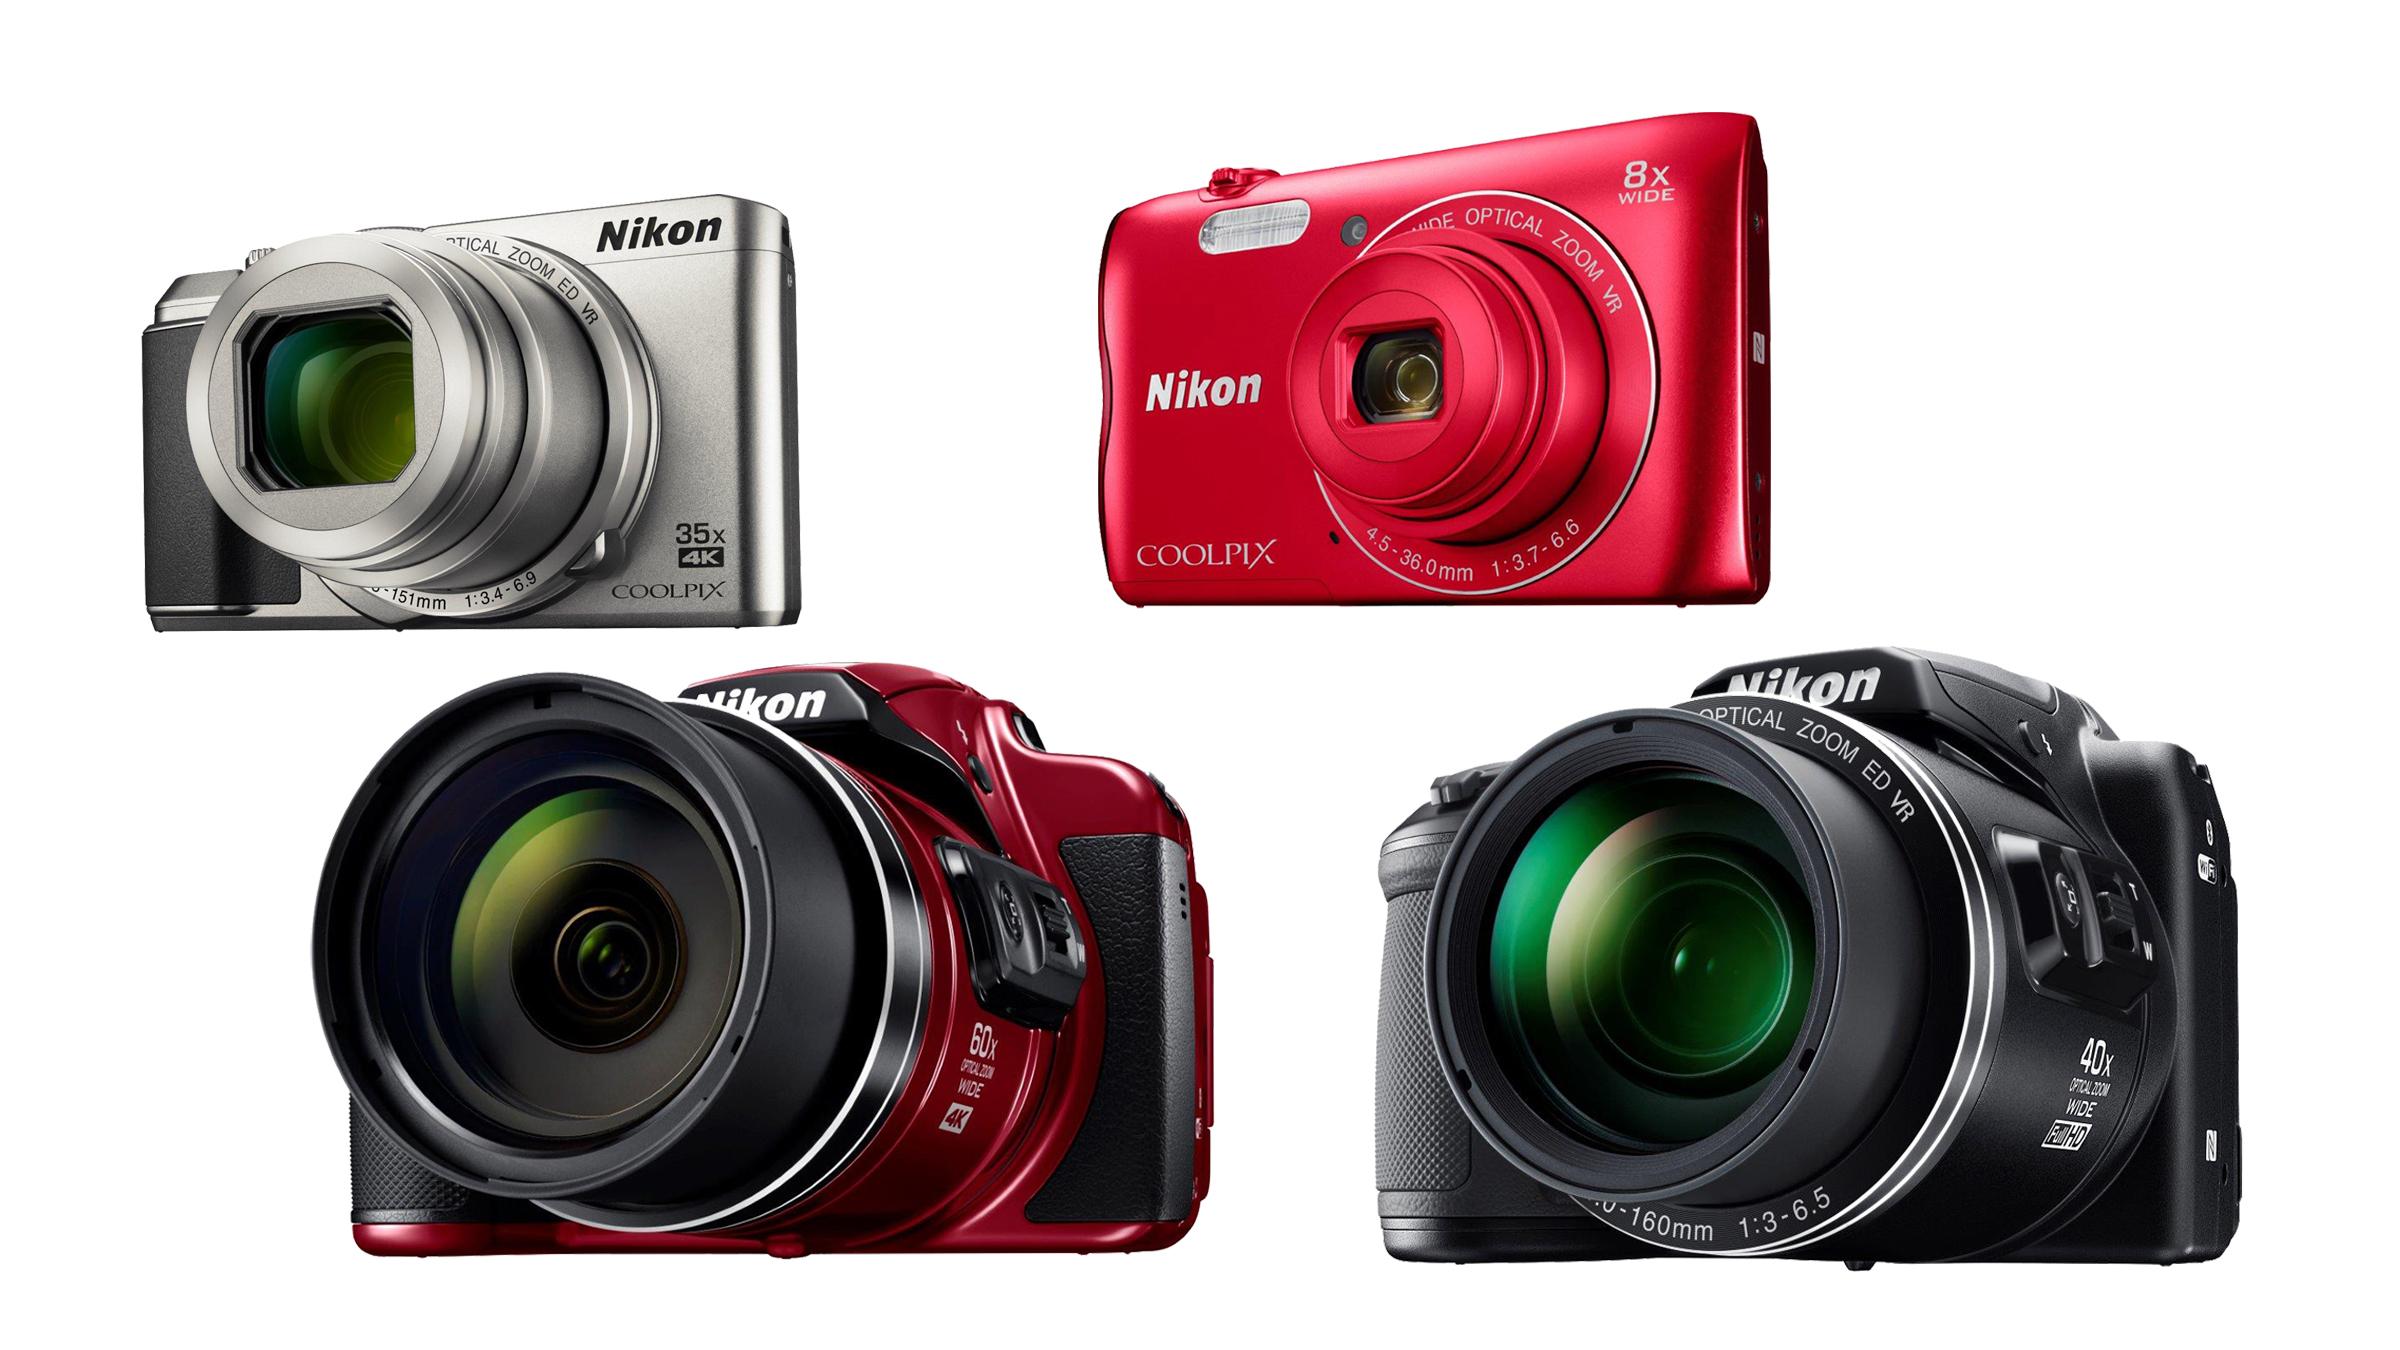 Predstavujeme najnovšie fotoaparáty COOLPIX s  aplikáciou SnapBridge na synchronizáciu a zdieľanie